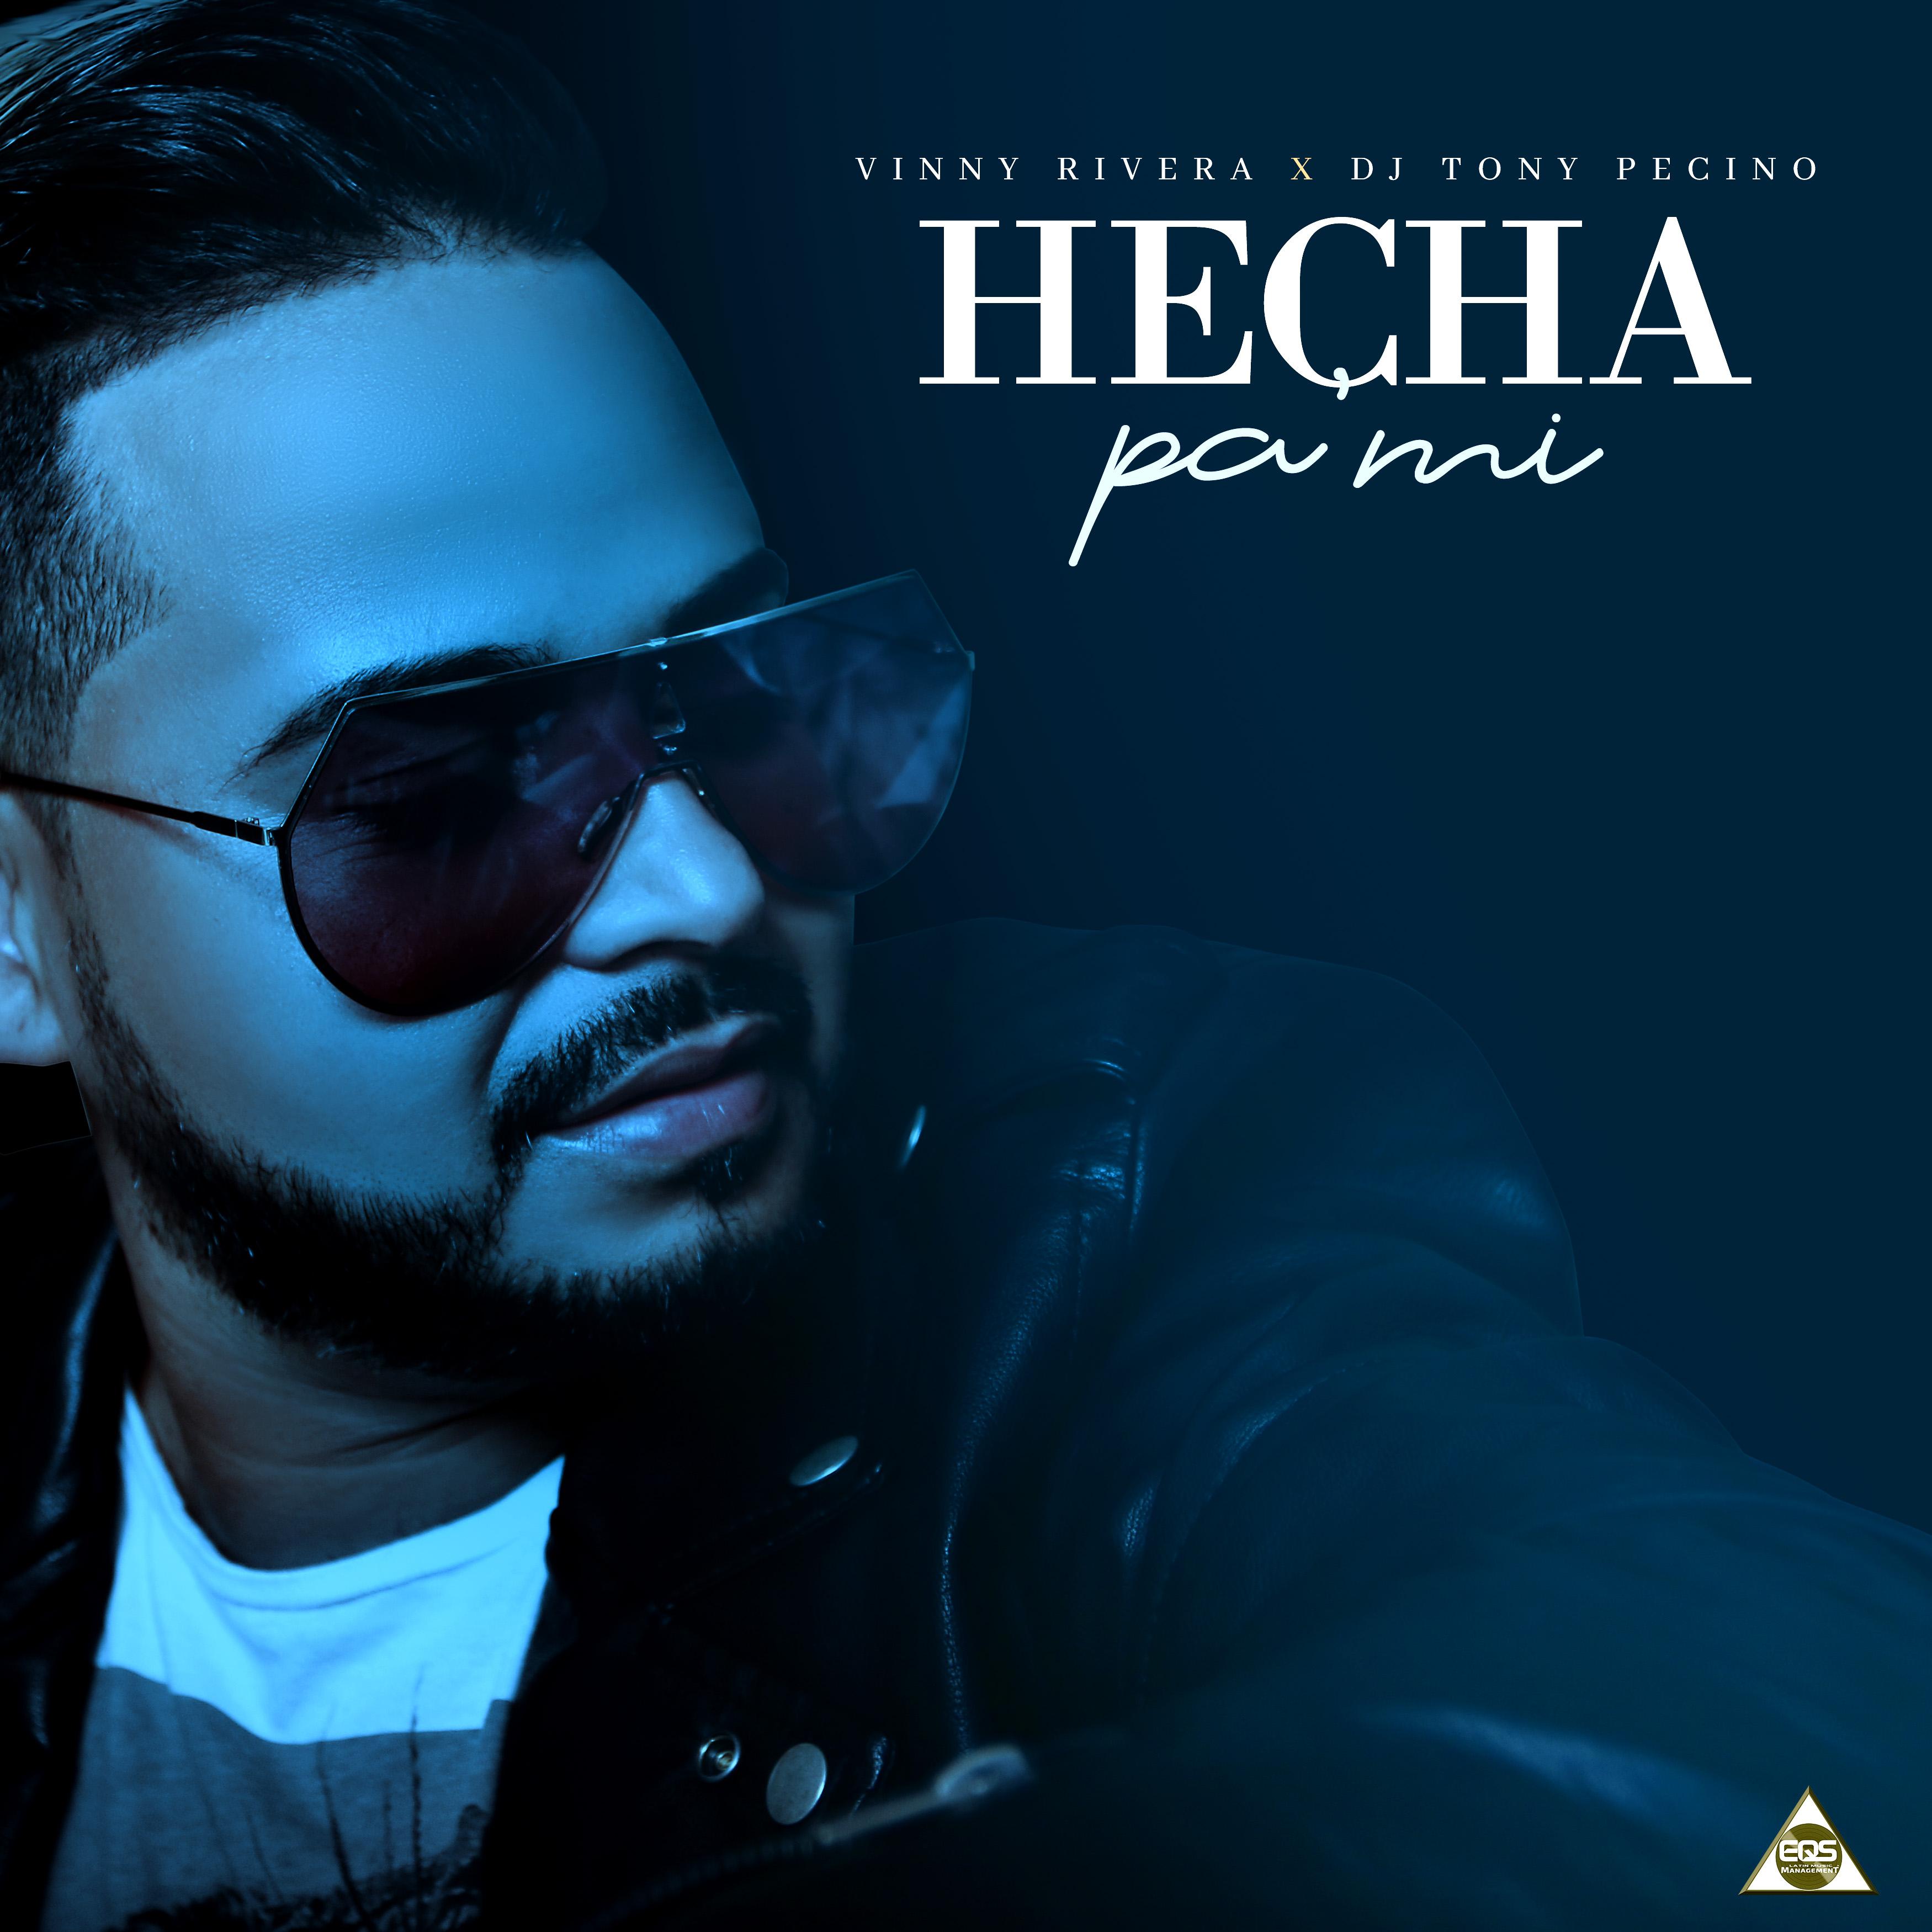 HECHA PA MI